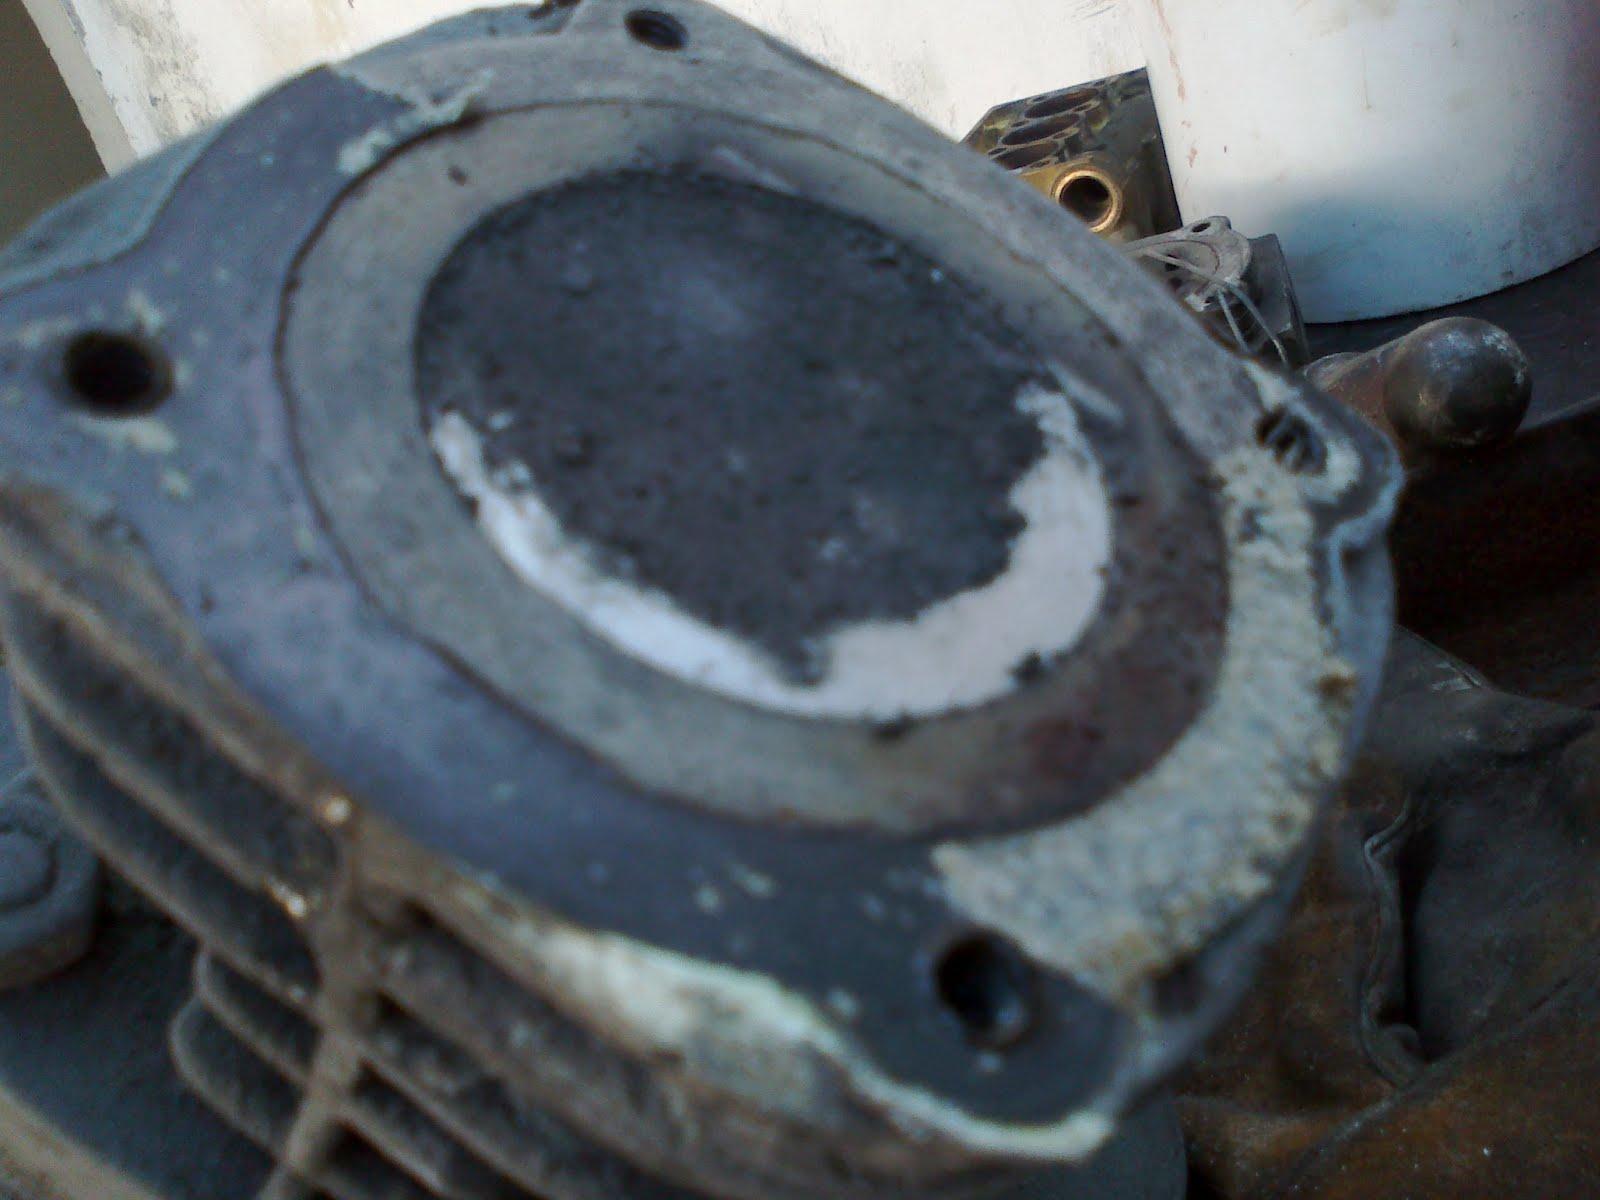 Equipos y servicios tecnicos windstar abril 2012 for Compresor hidroneumatico